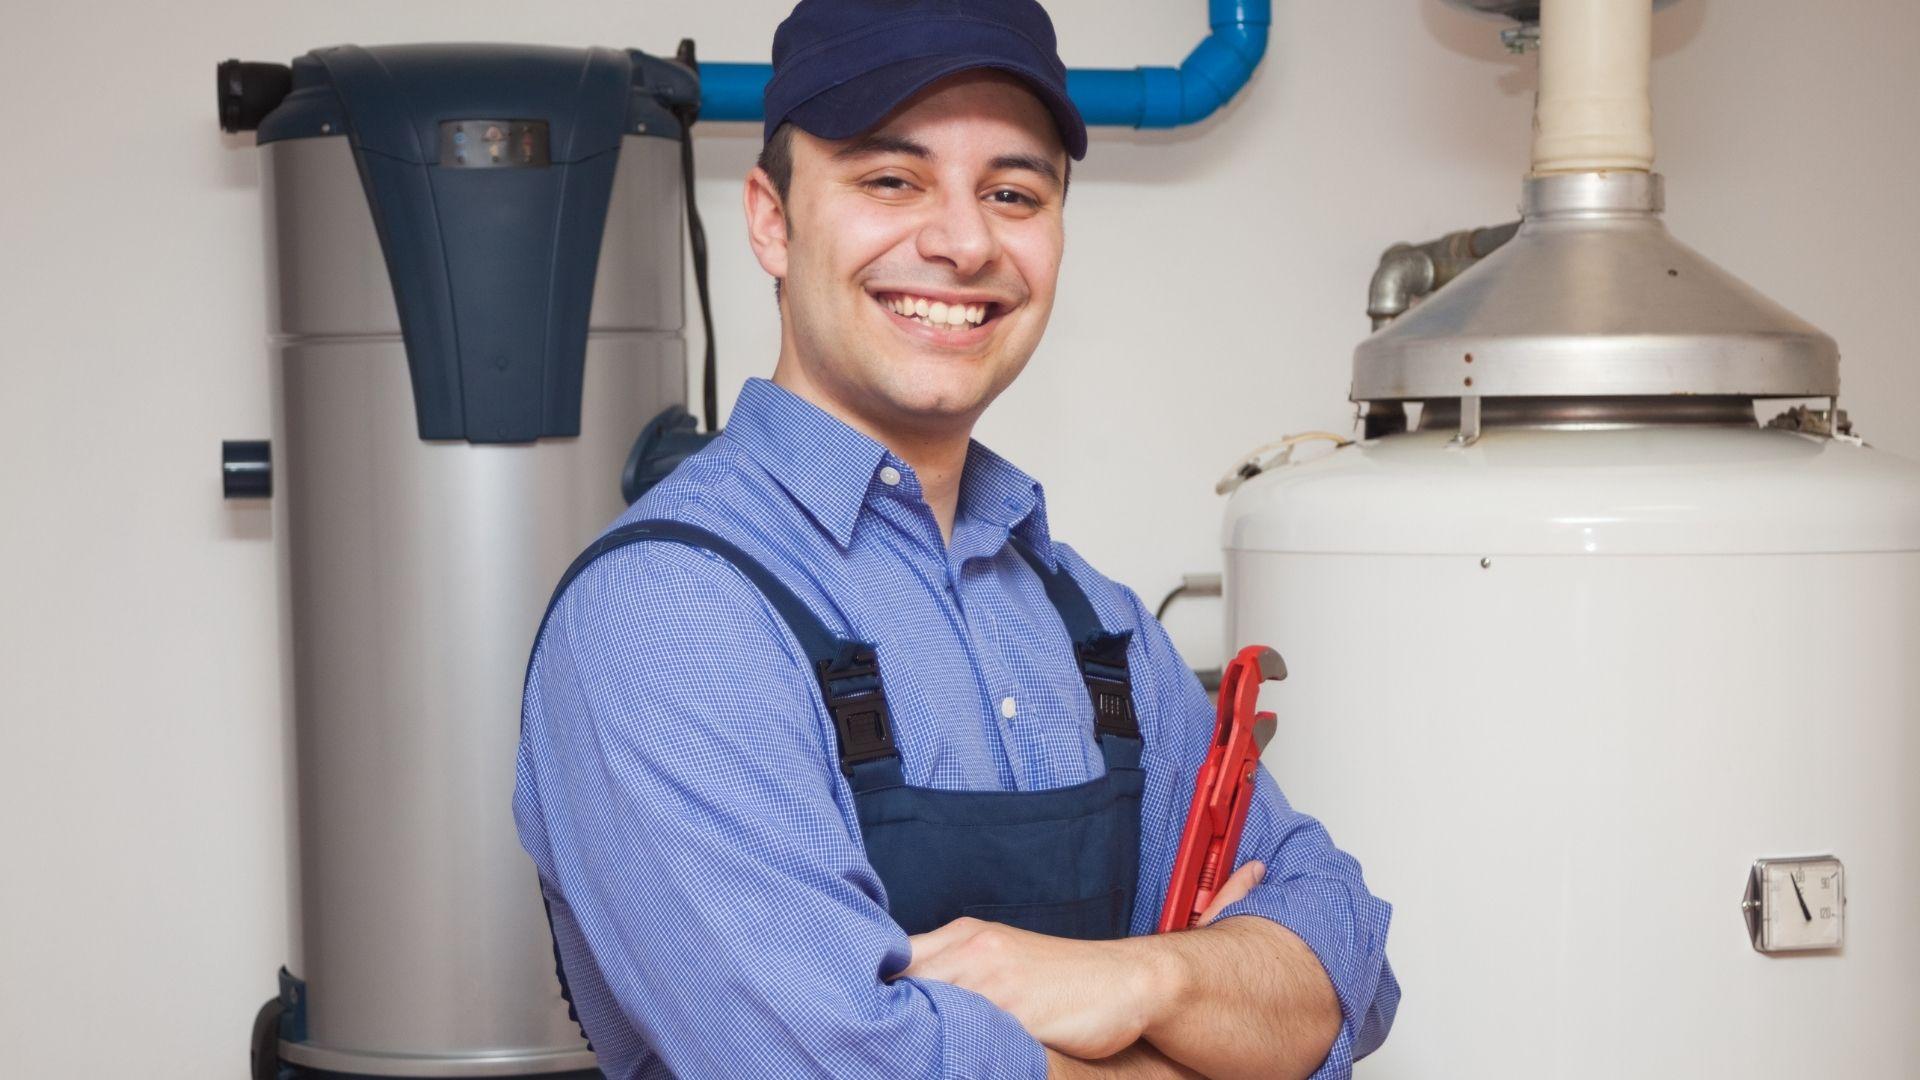 Plumbing repair